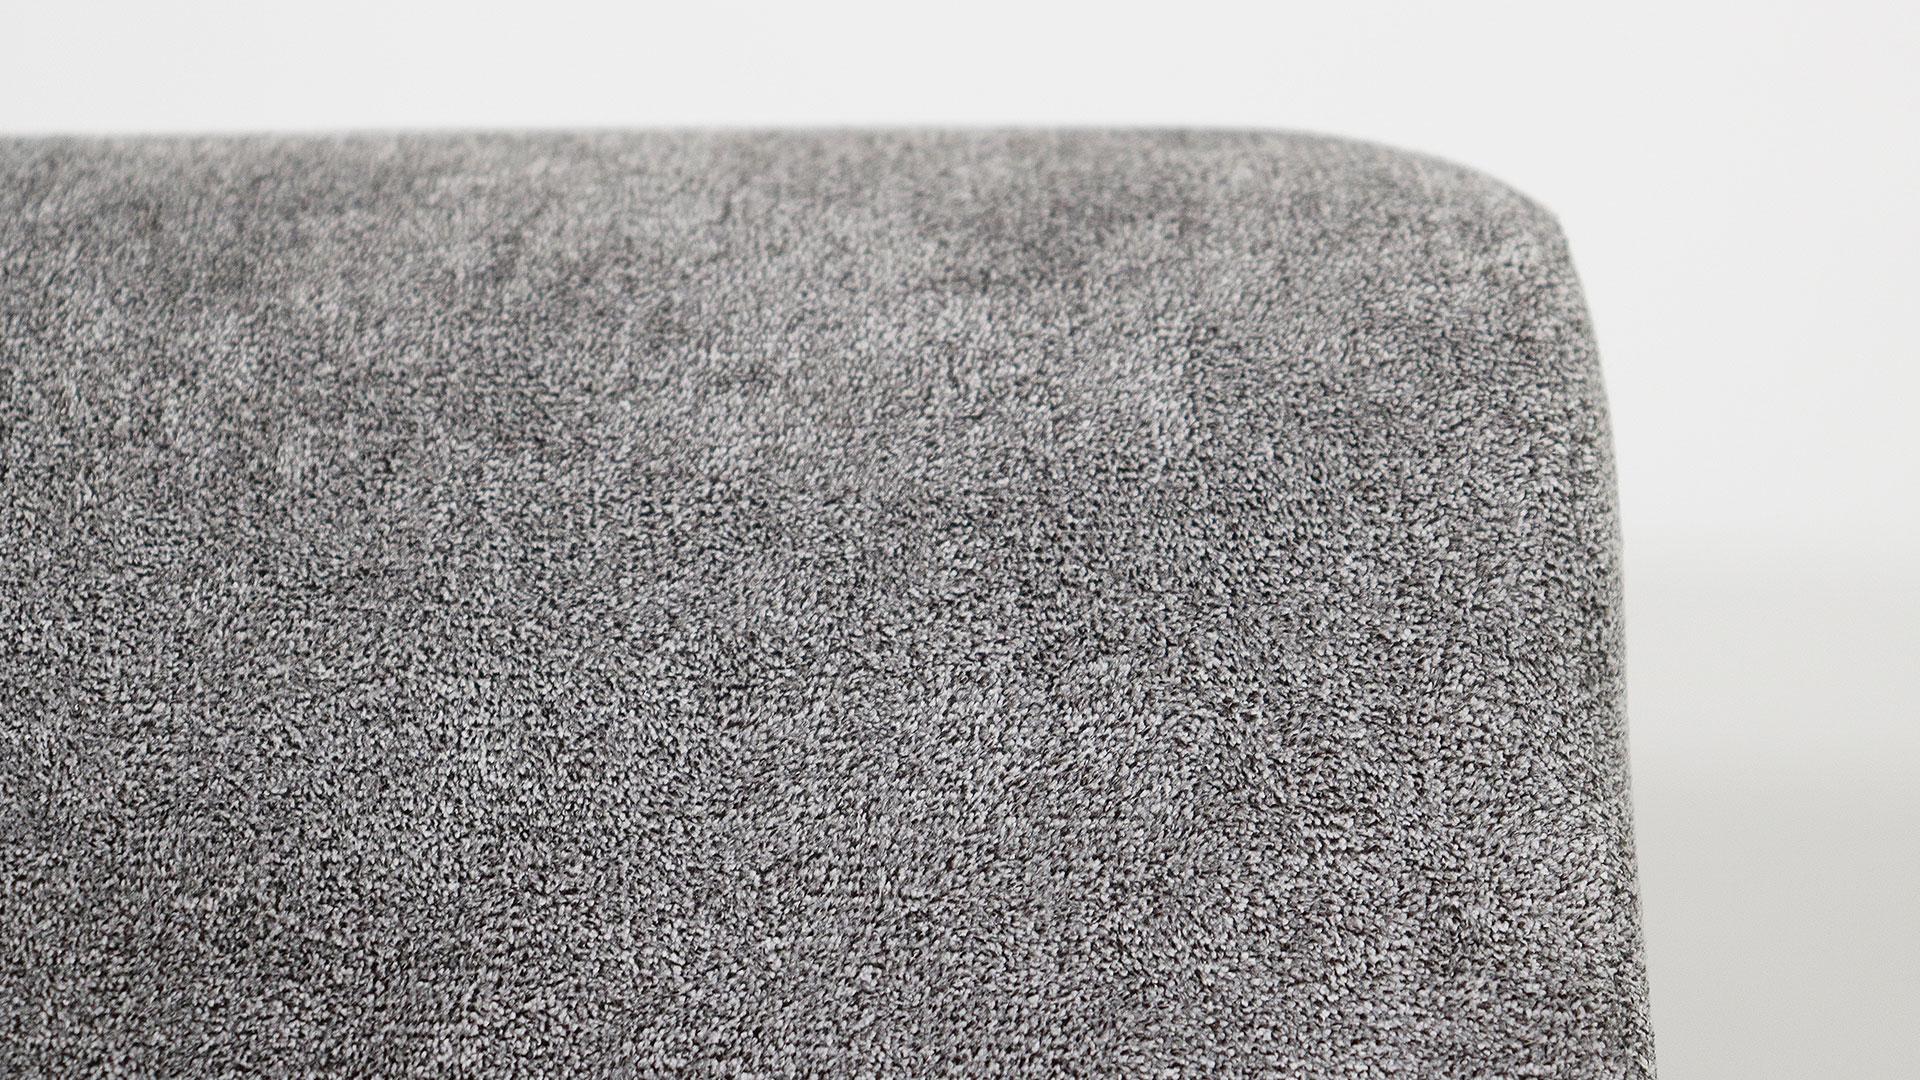 アスクインのカウチソファ、トニーの生地素材の画像